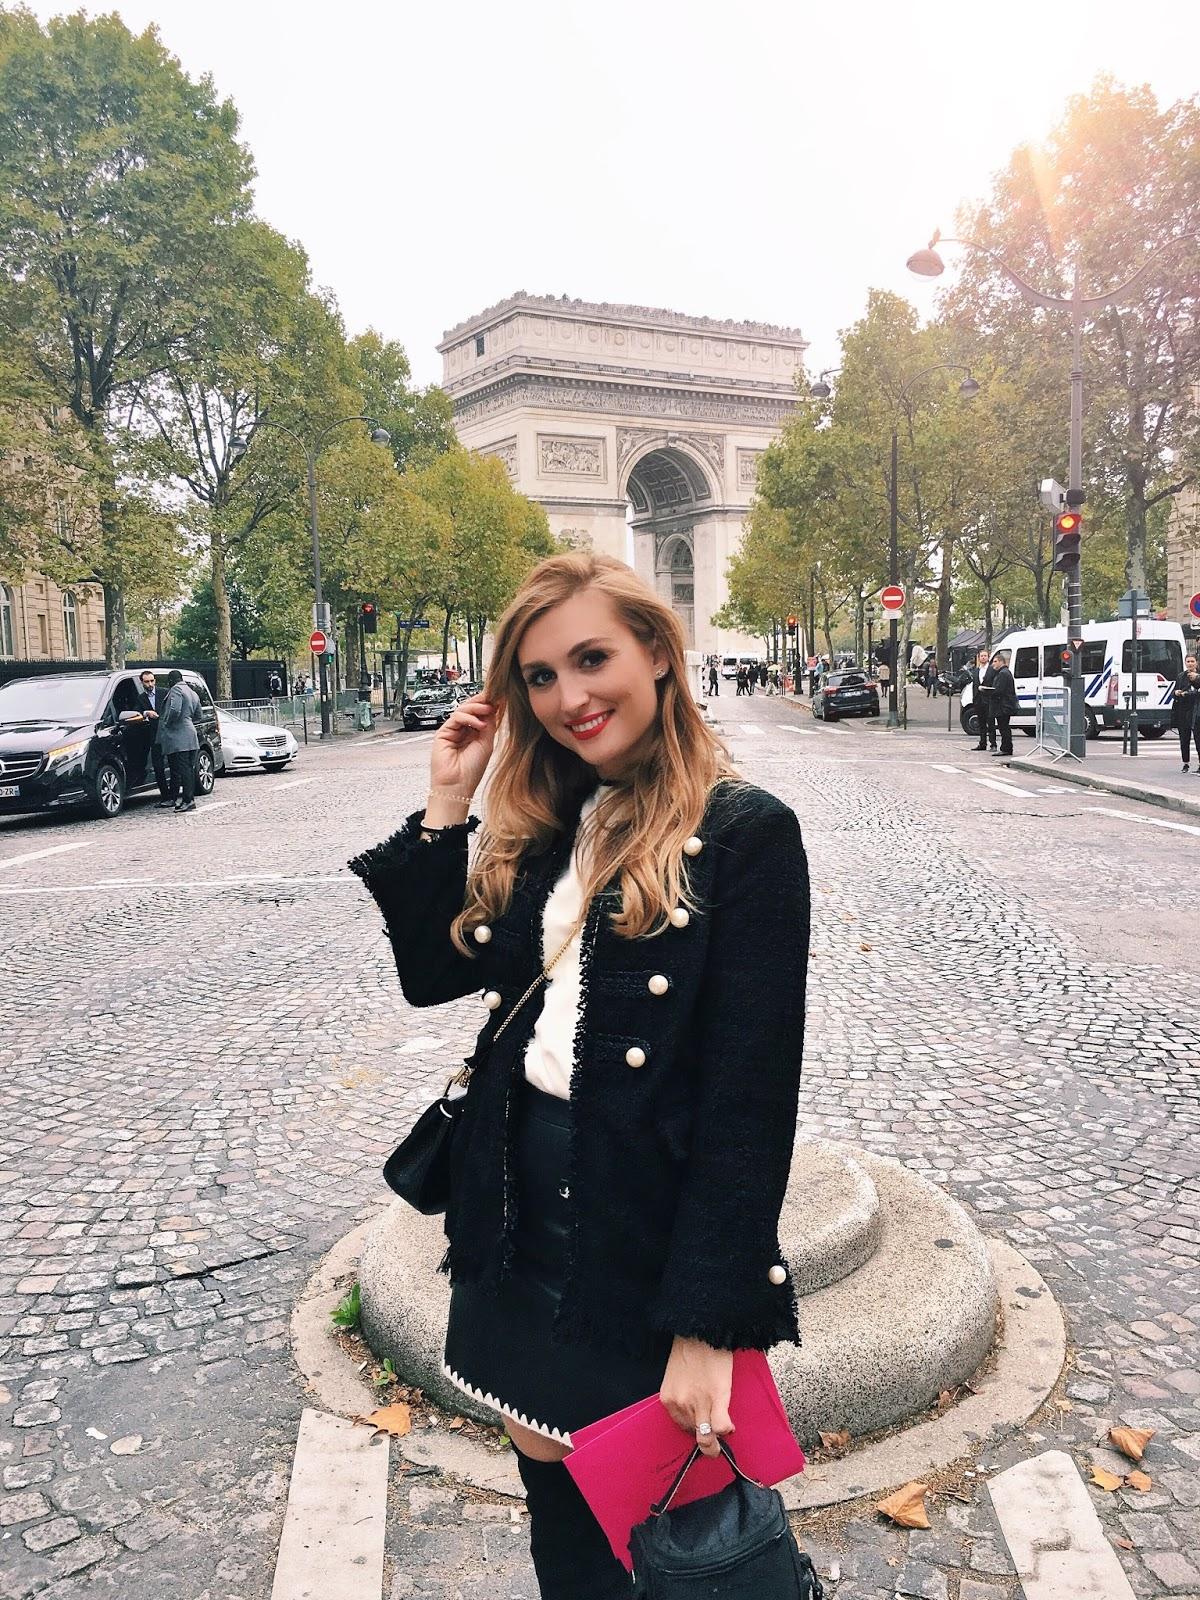 Olivia-Palermo-streetsyle-look-paris-fashionweek-fashionstylebyjohanna-blogger-aus-deutschland-zara-blazer-perlen-look-like-chanel-blazer